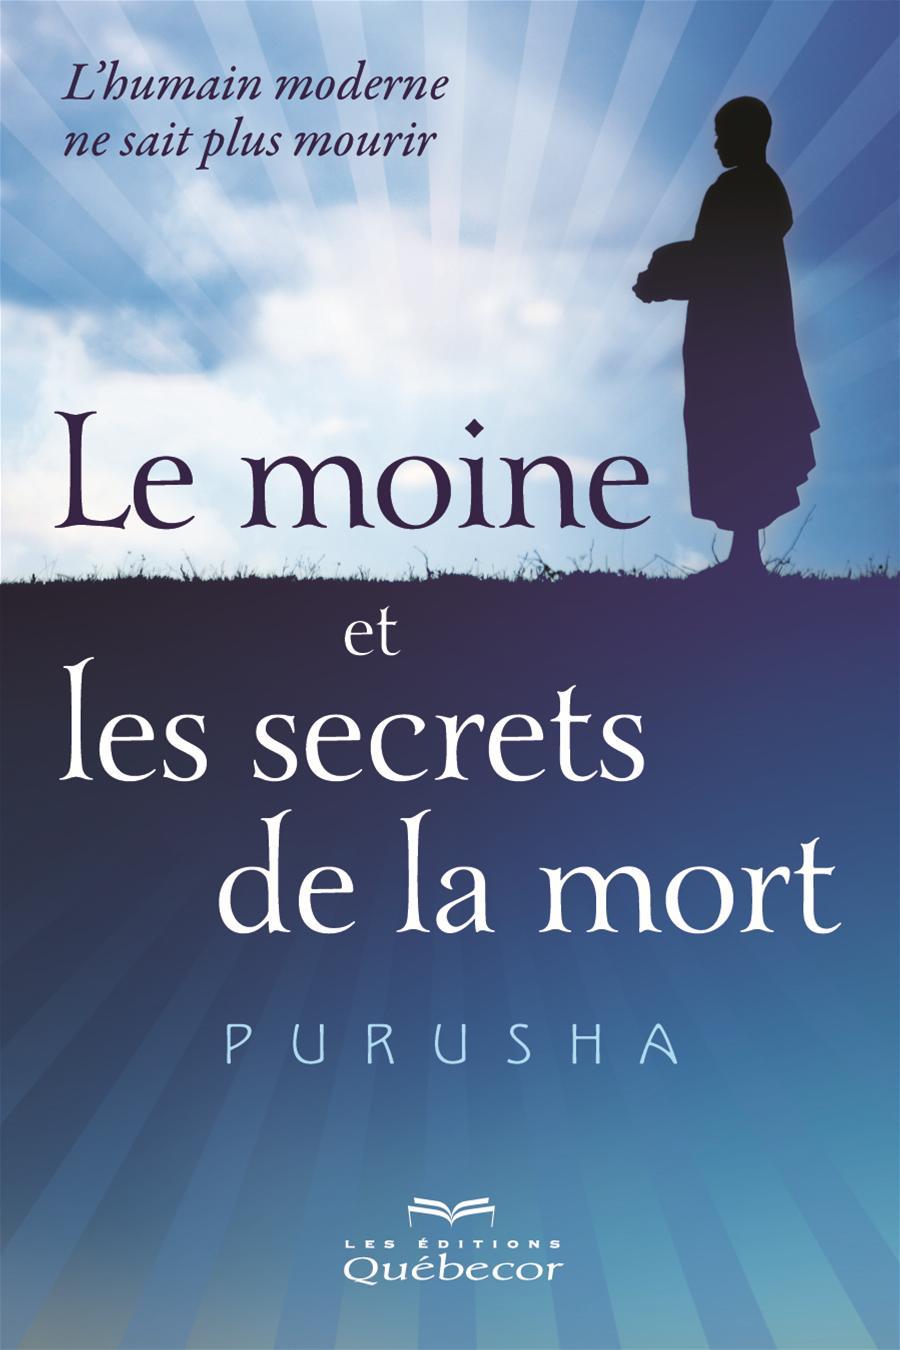 Le moine et les secrets de la mort